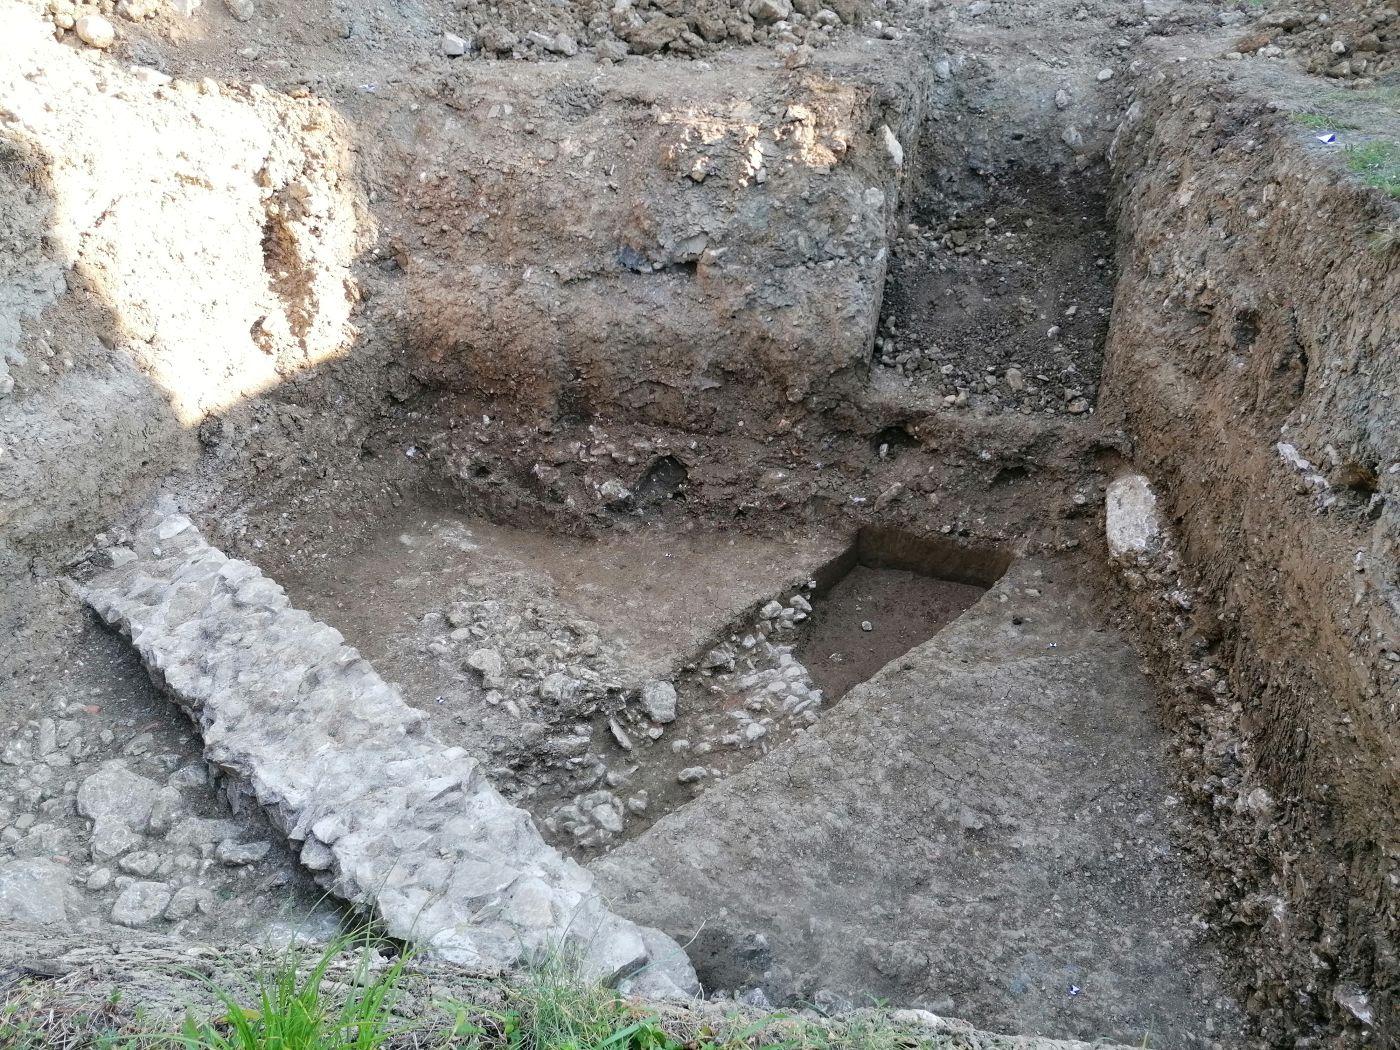 arheološko nalazište